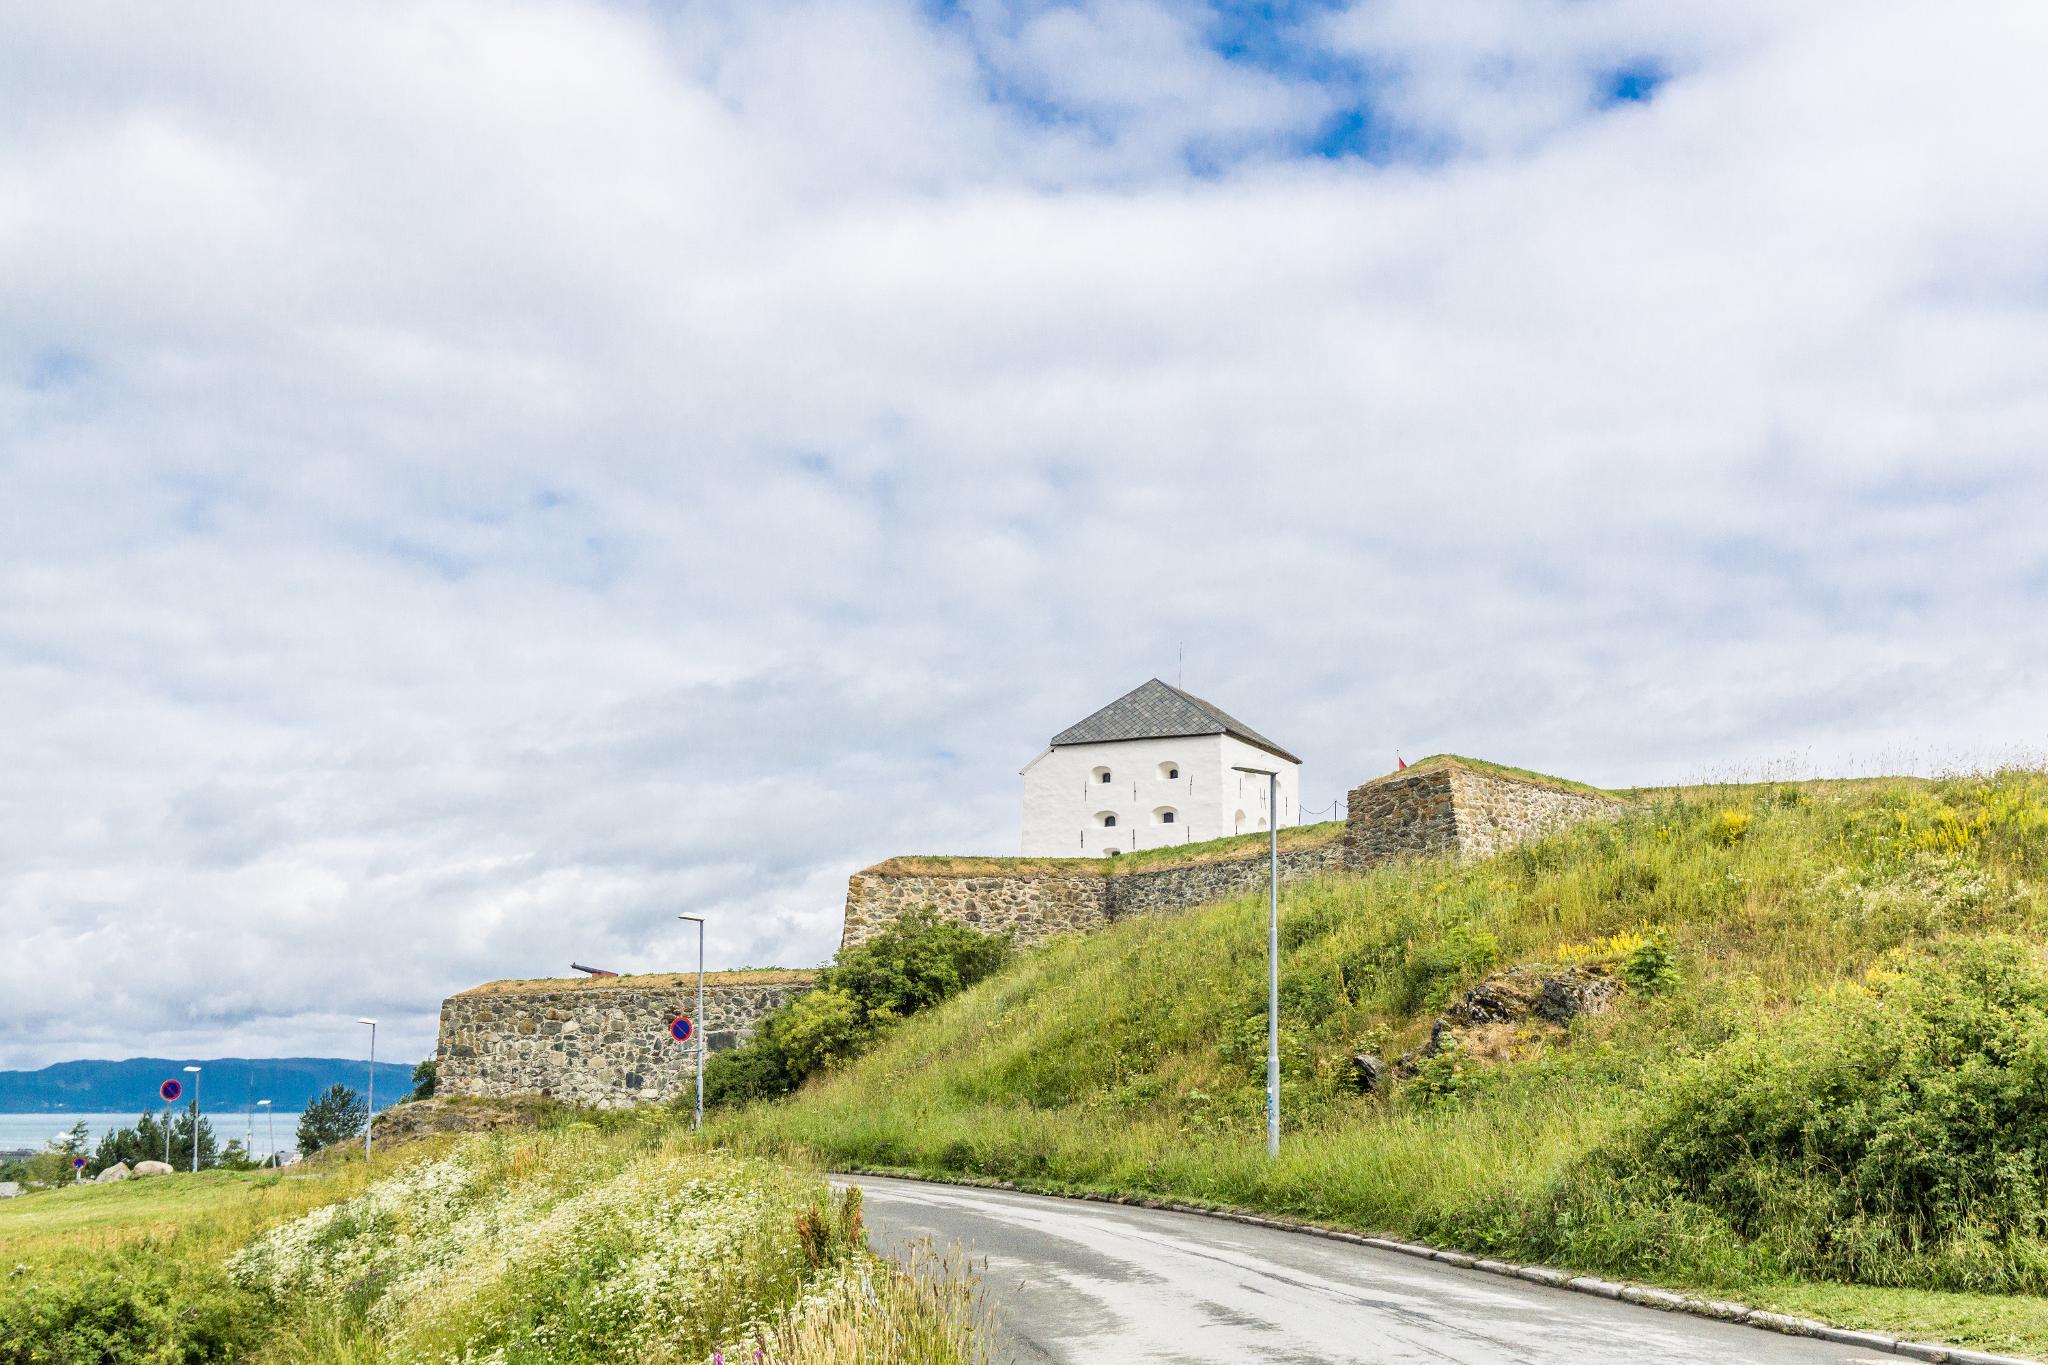 【北歐景點】拜訪維京王的千年古城 - Trondheim 特隆赫姆景點懶人包 3